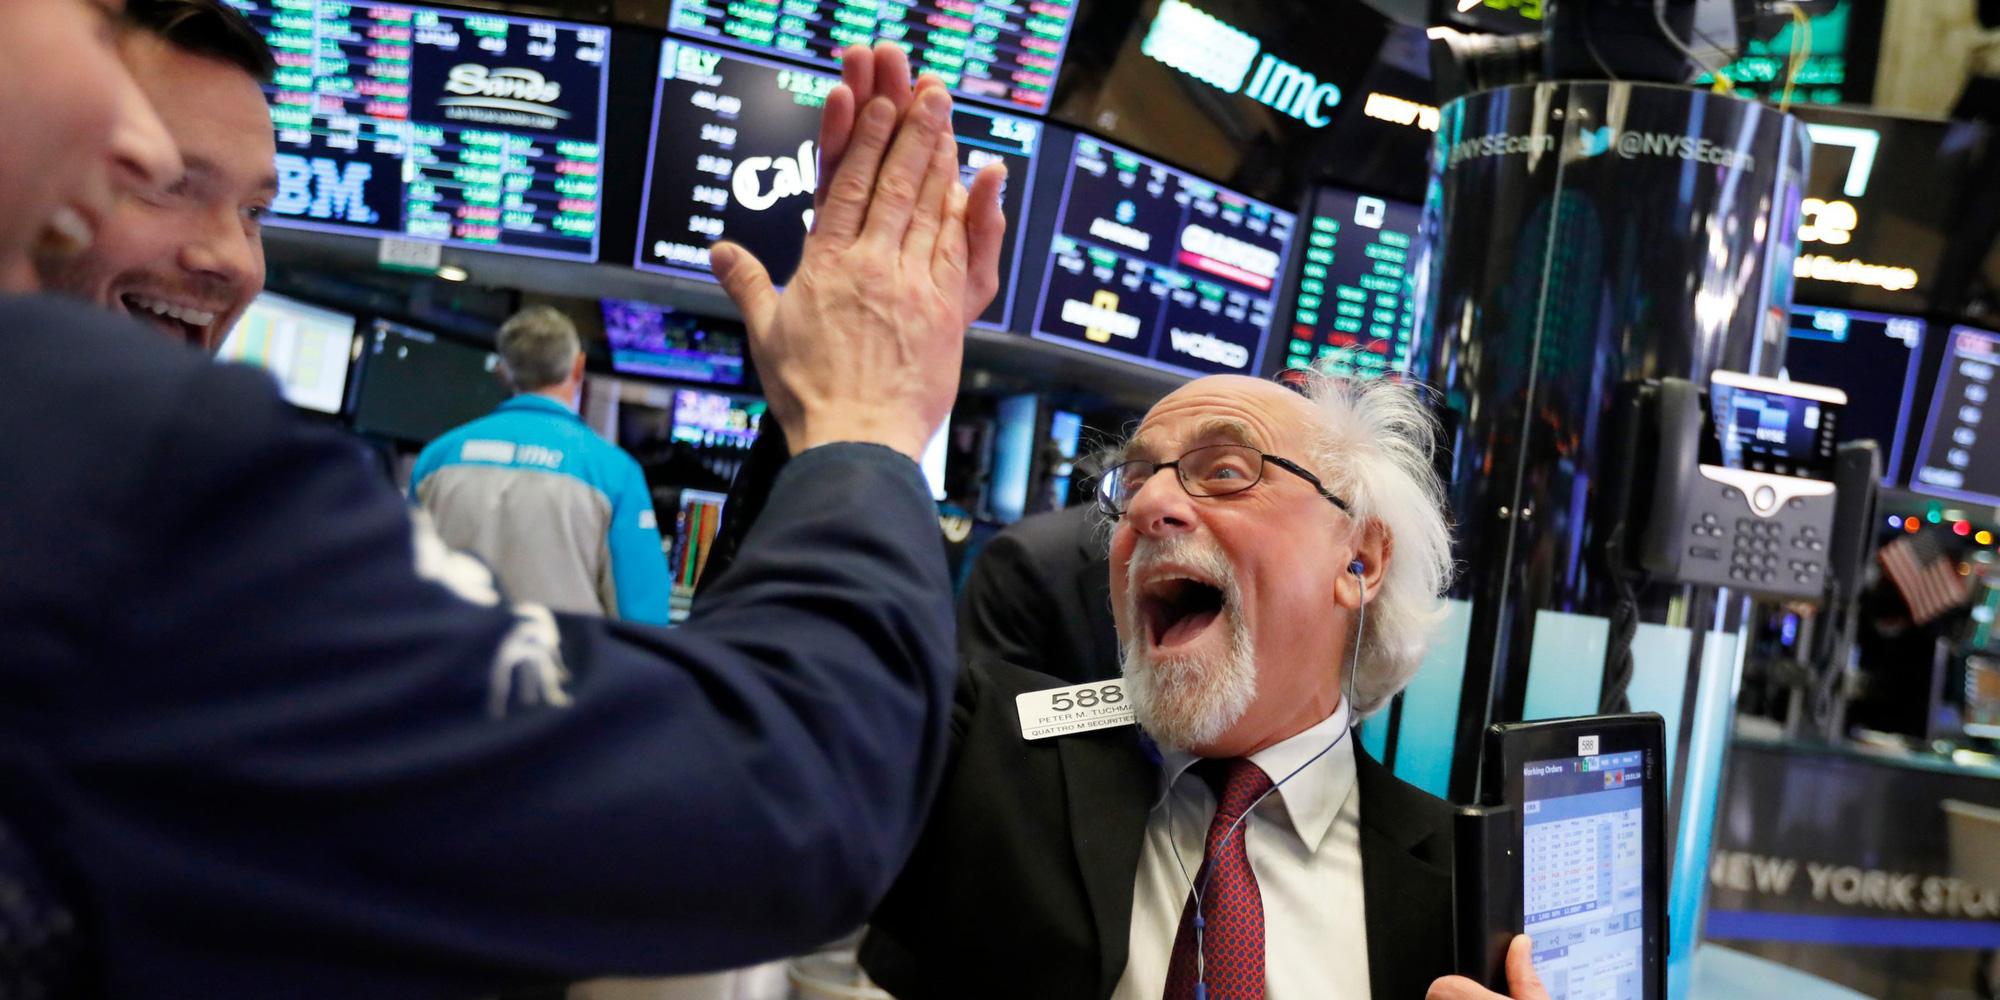 Dow Jones bật tăng hơn 1.000 điểm sau tin về gói kích thích kinh tế 1.000 tỉ USD - Ảnh 1.